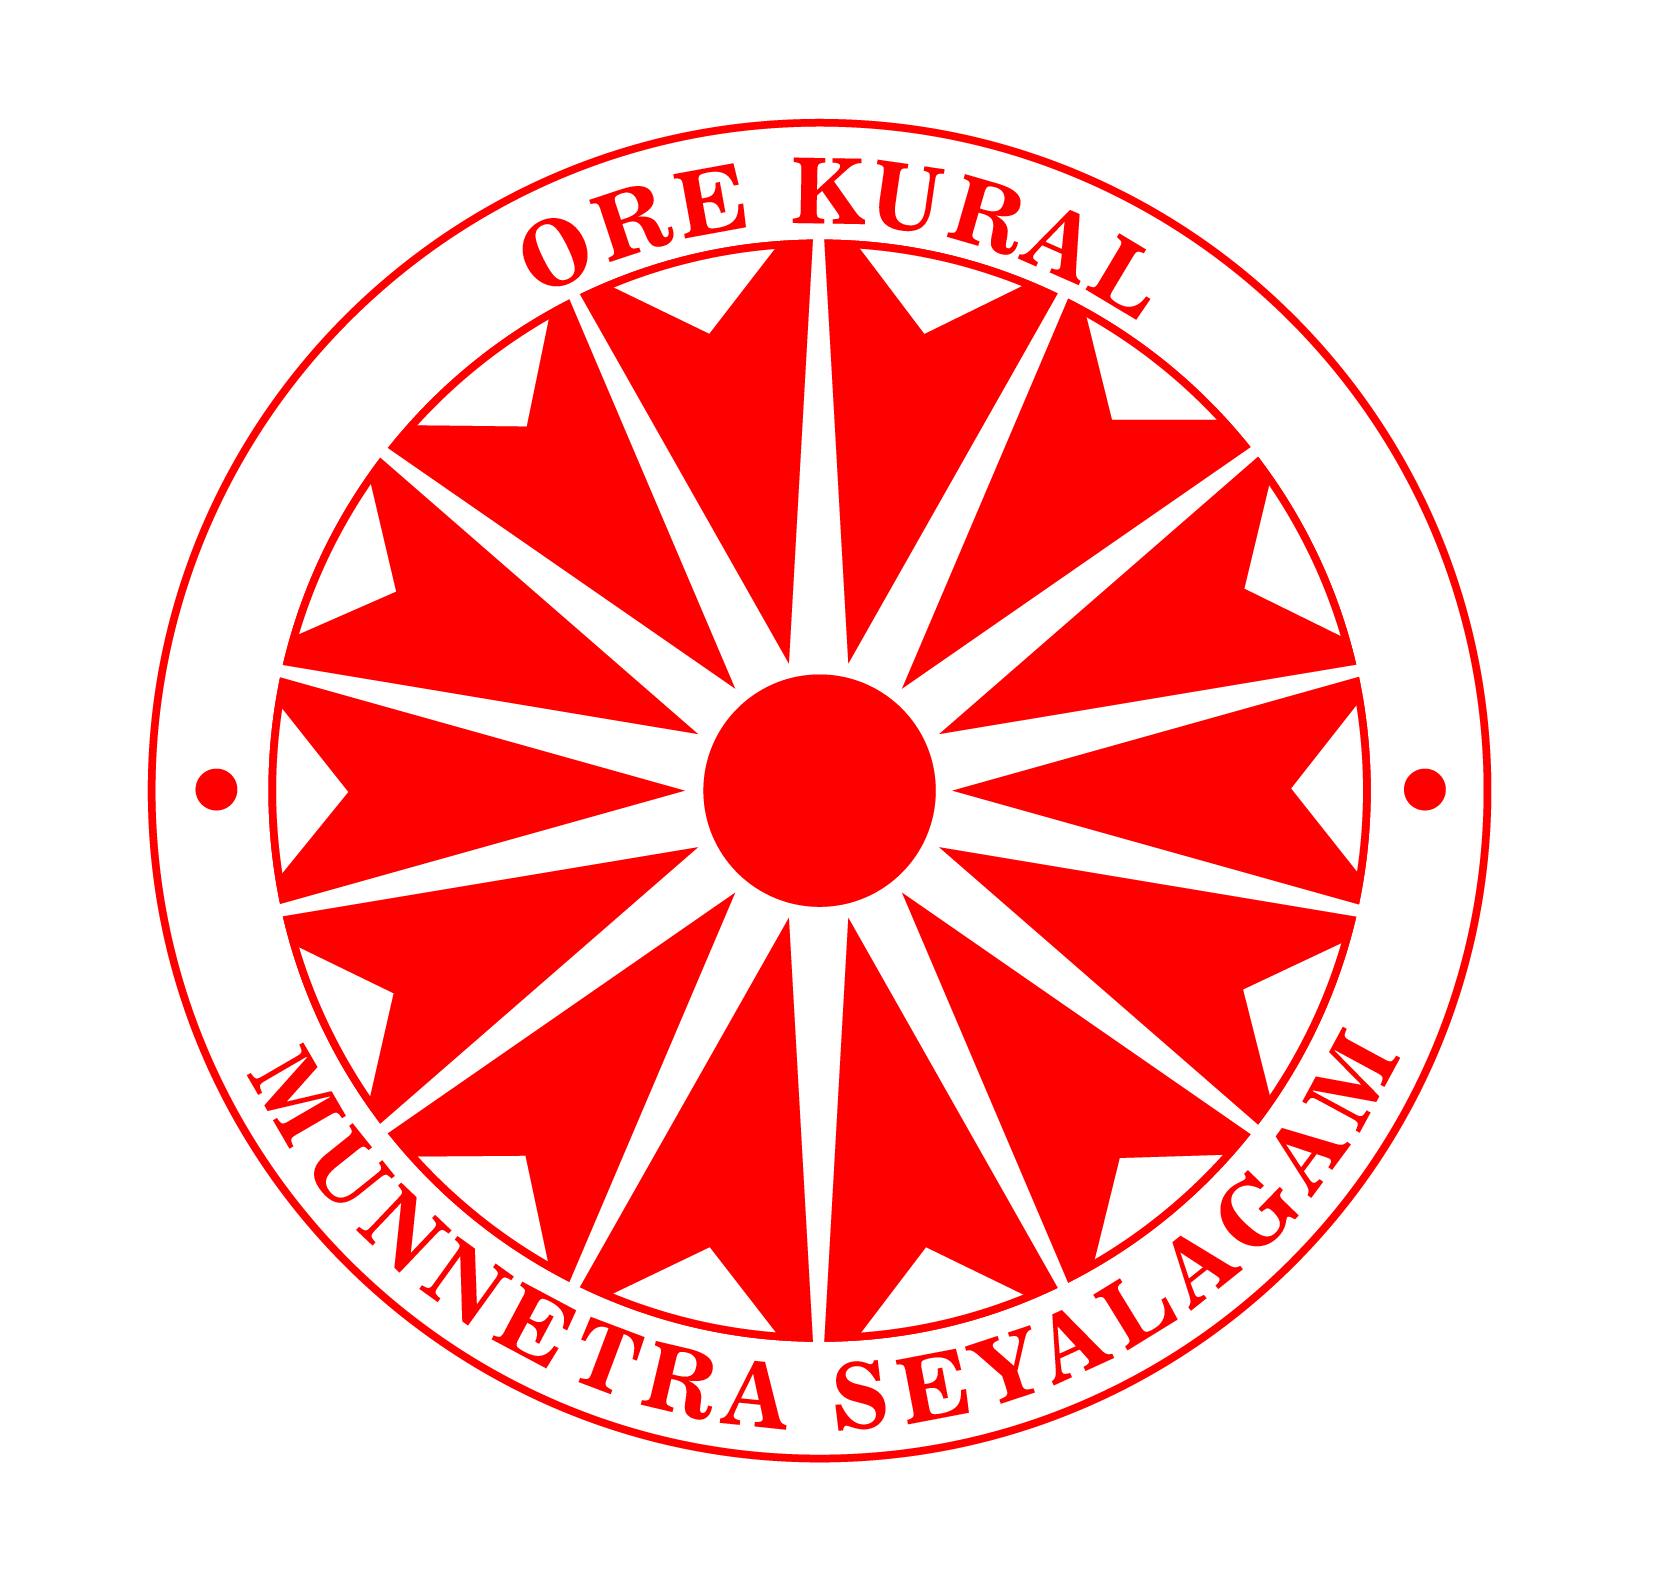 Ore Kural